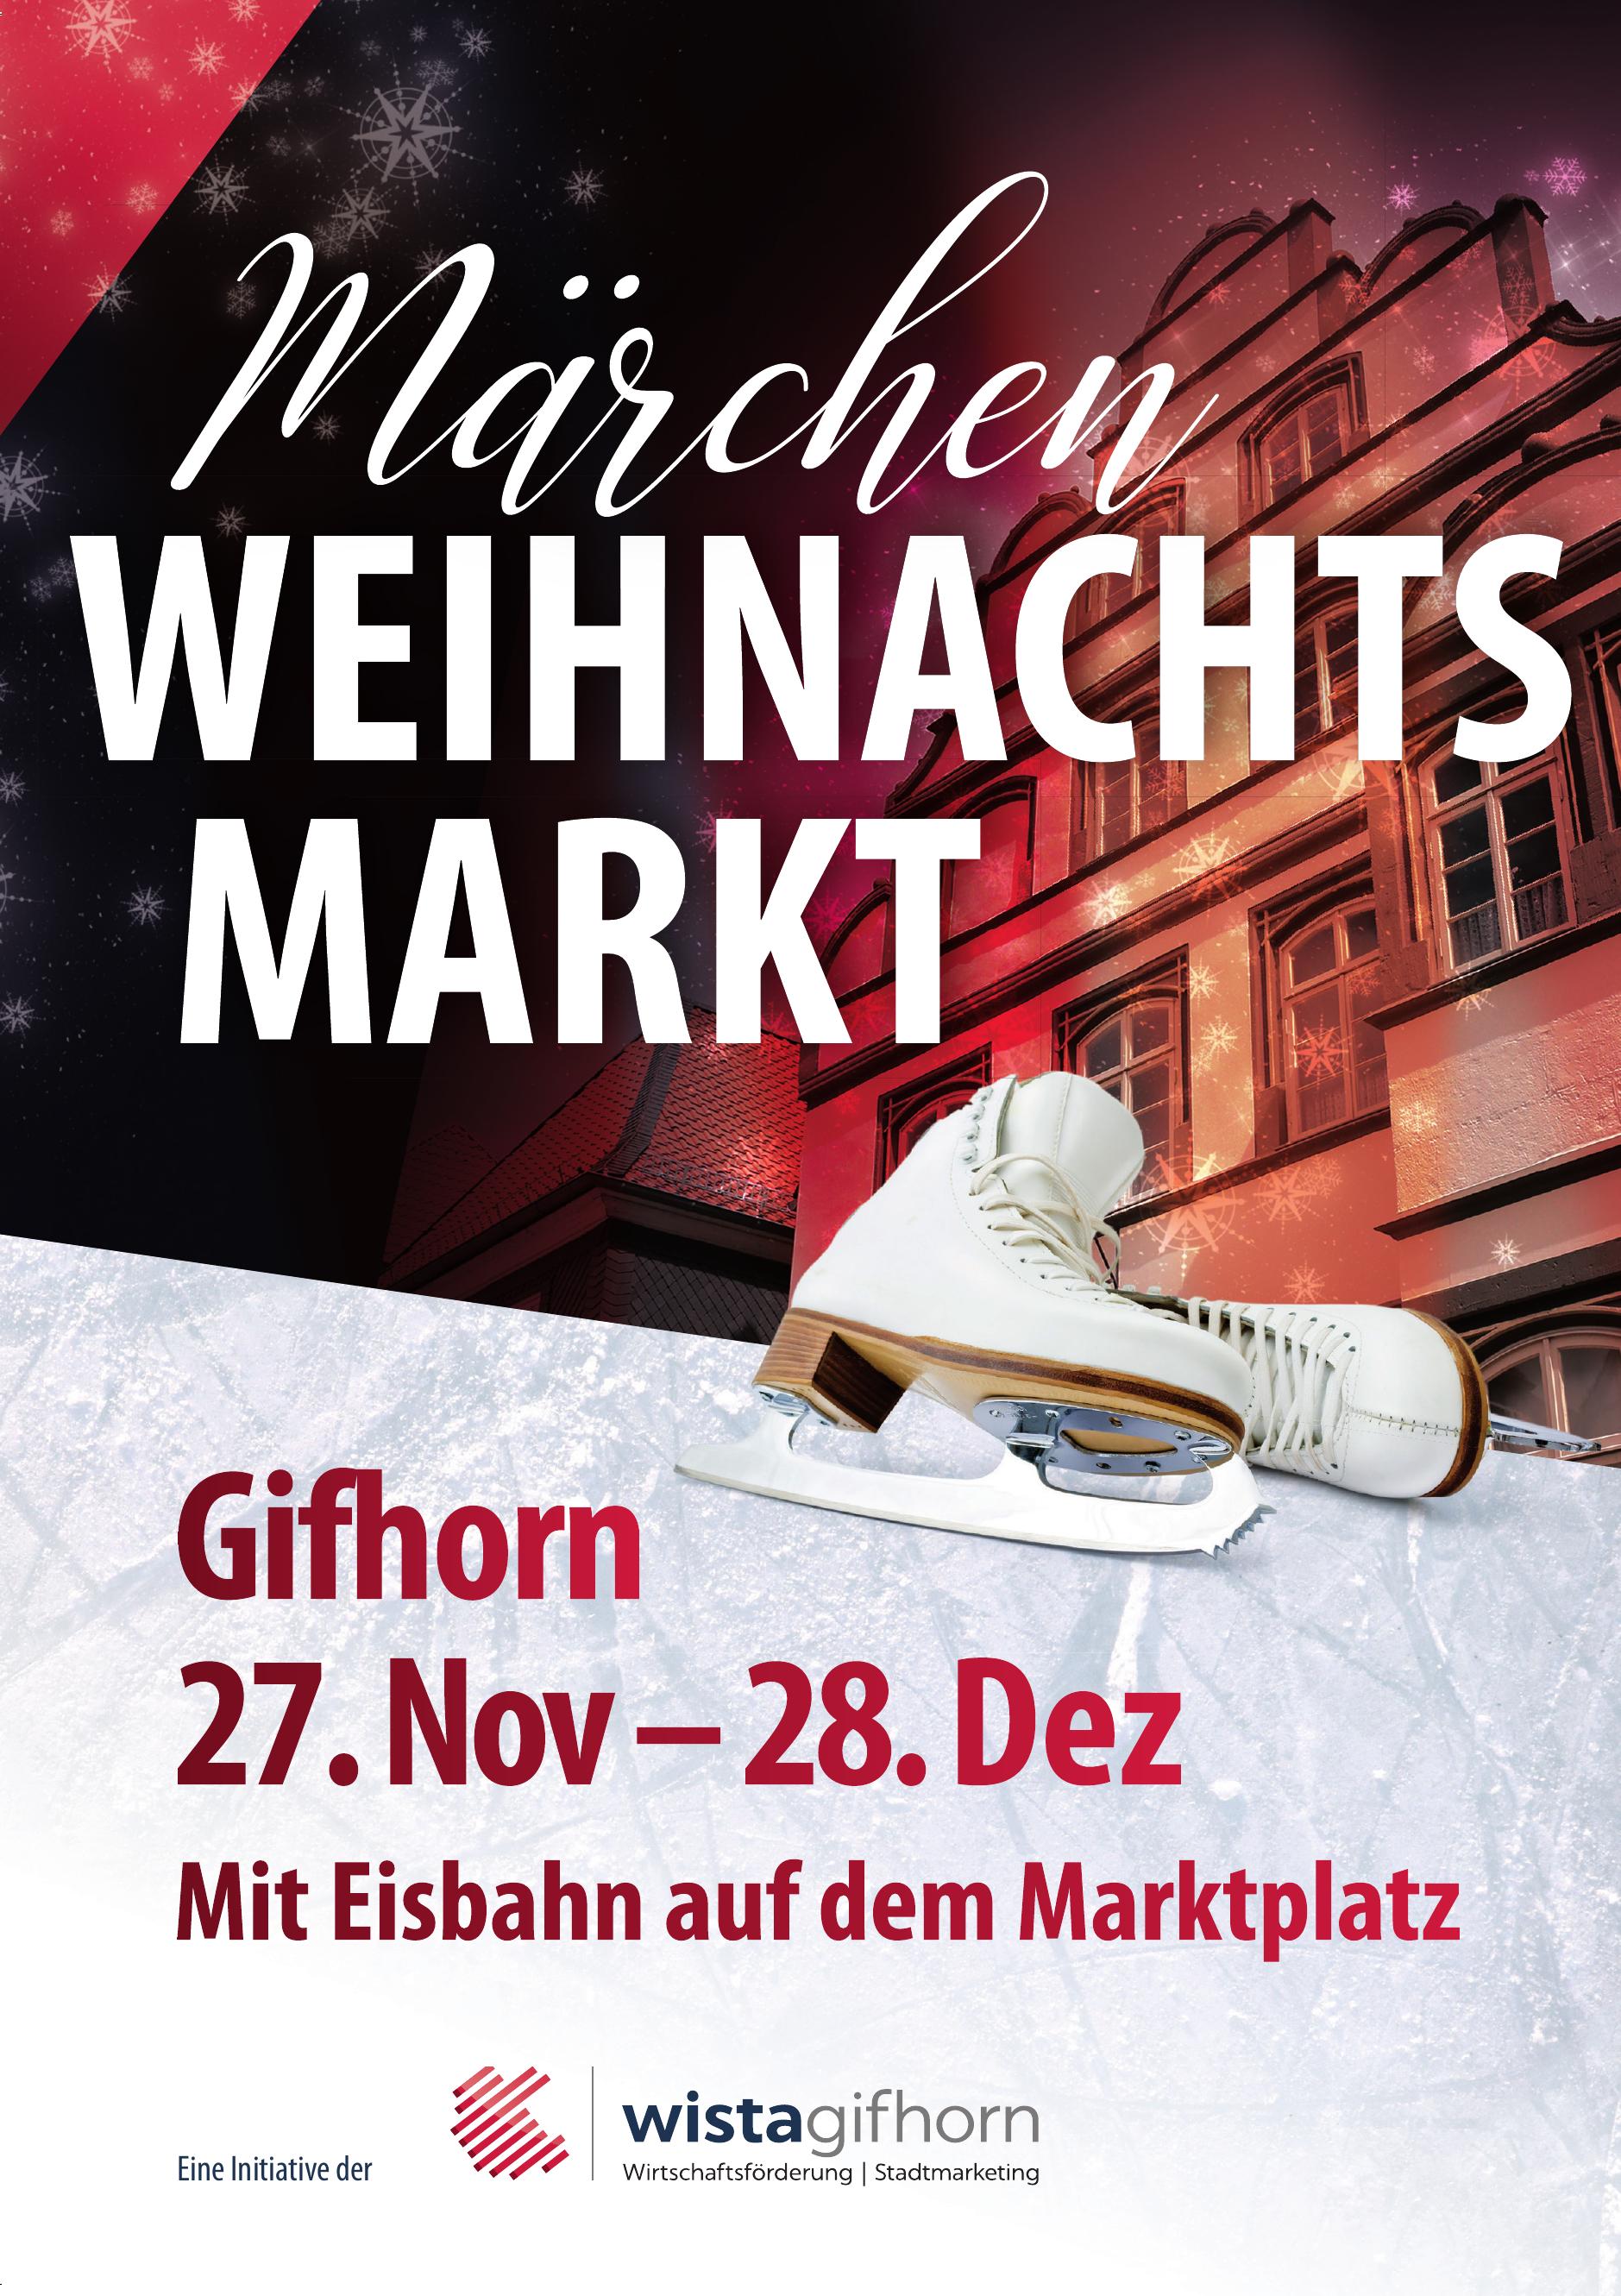 Märchen Weihnachtsmarkt